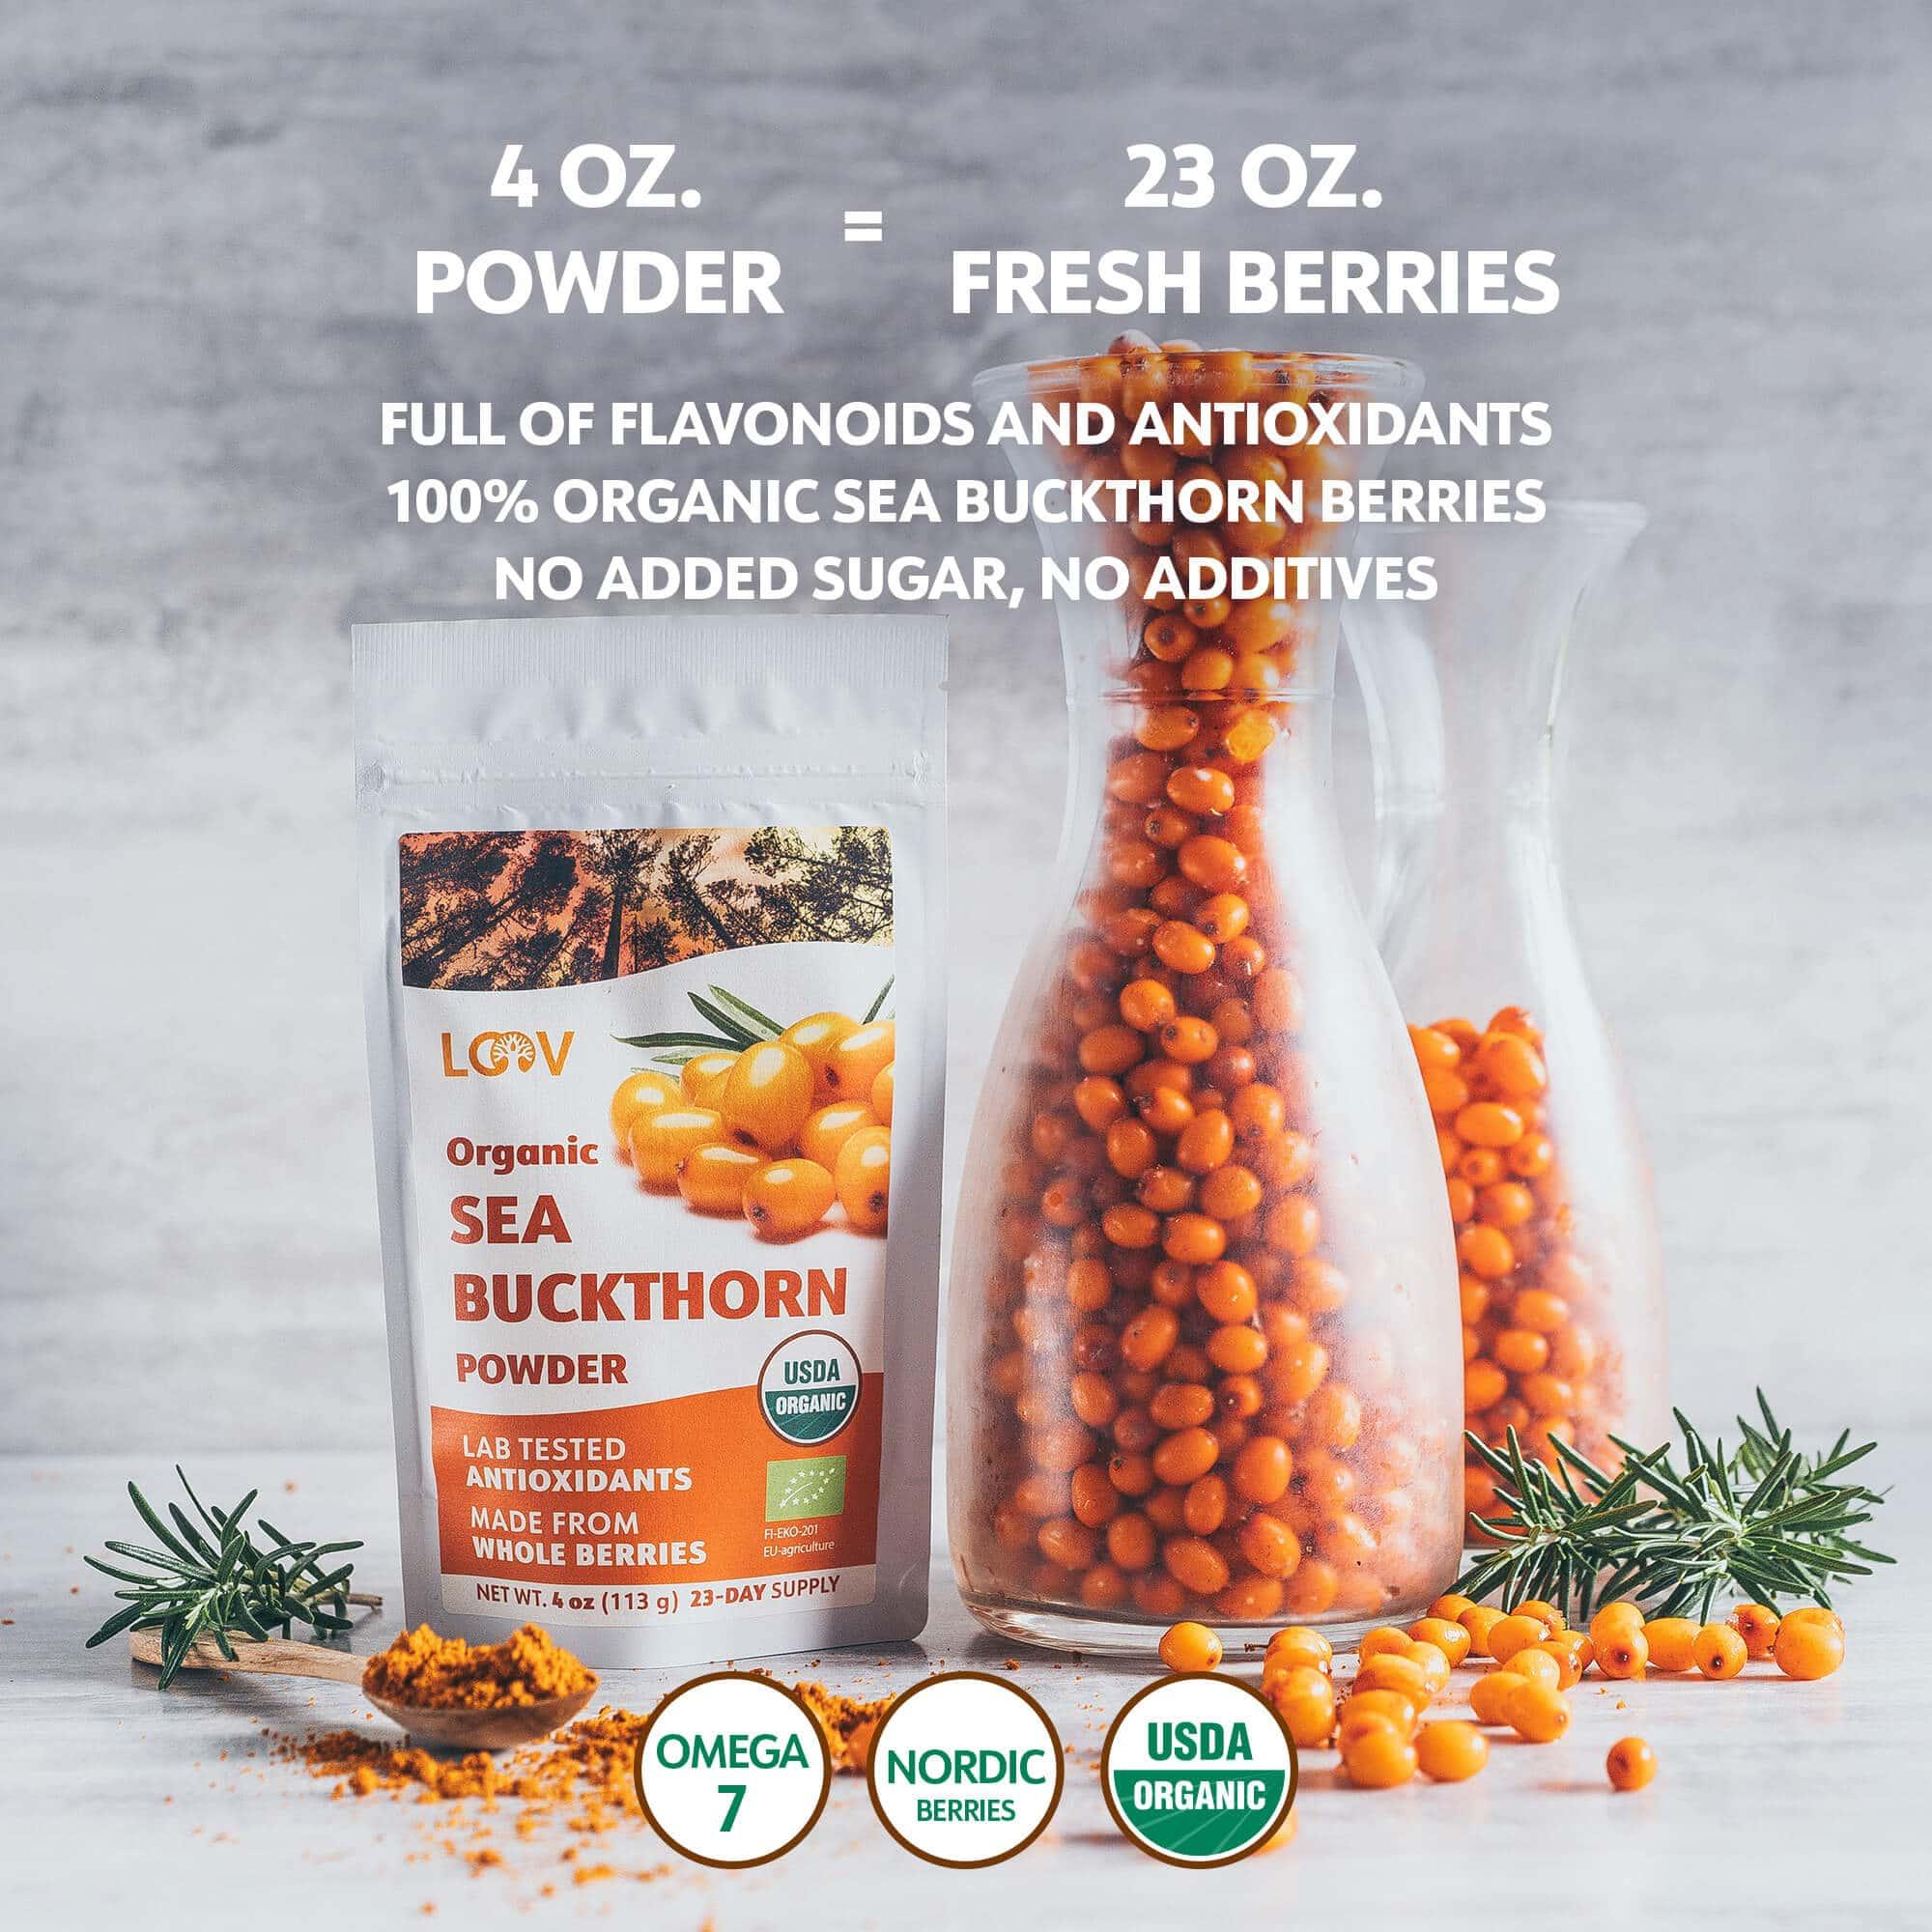 LOOV Organic fresh sea buckthorn powder comparison